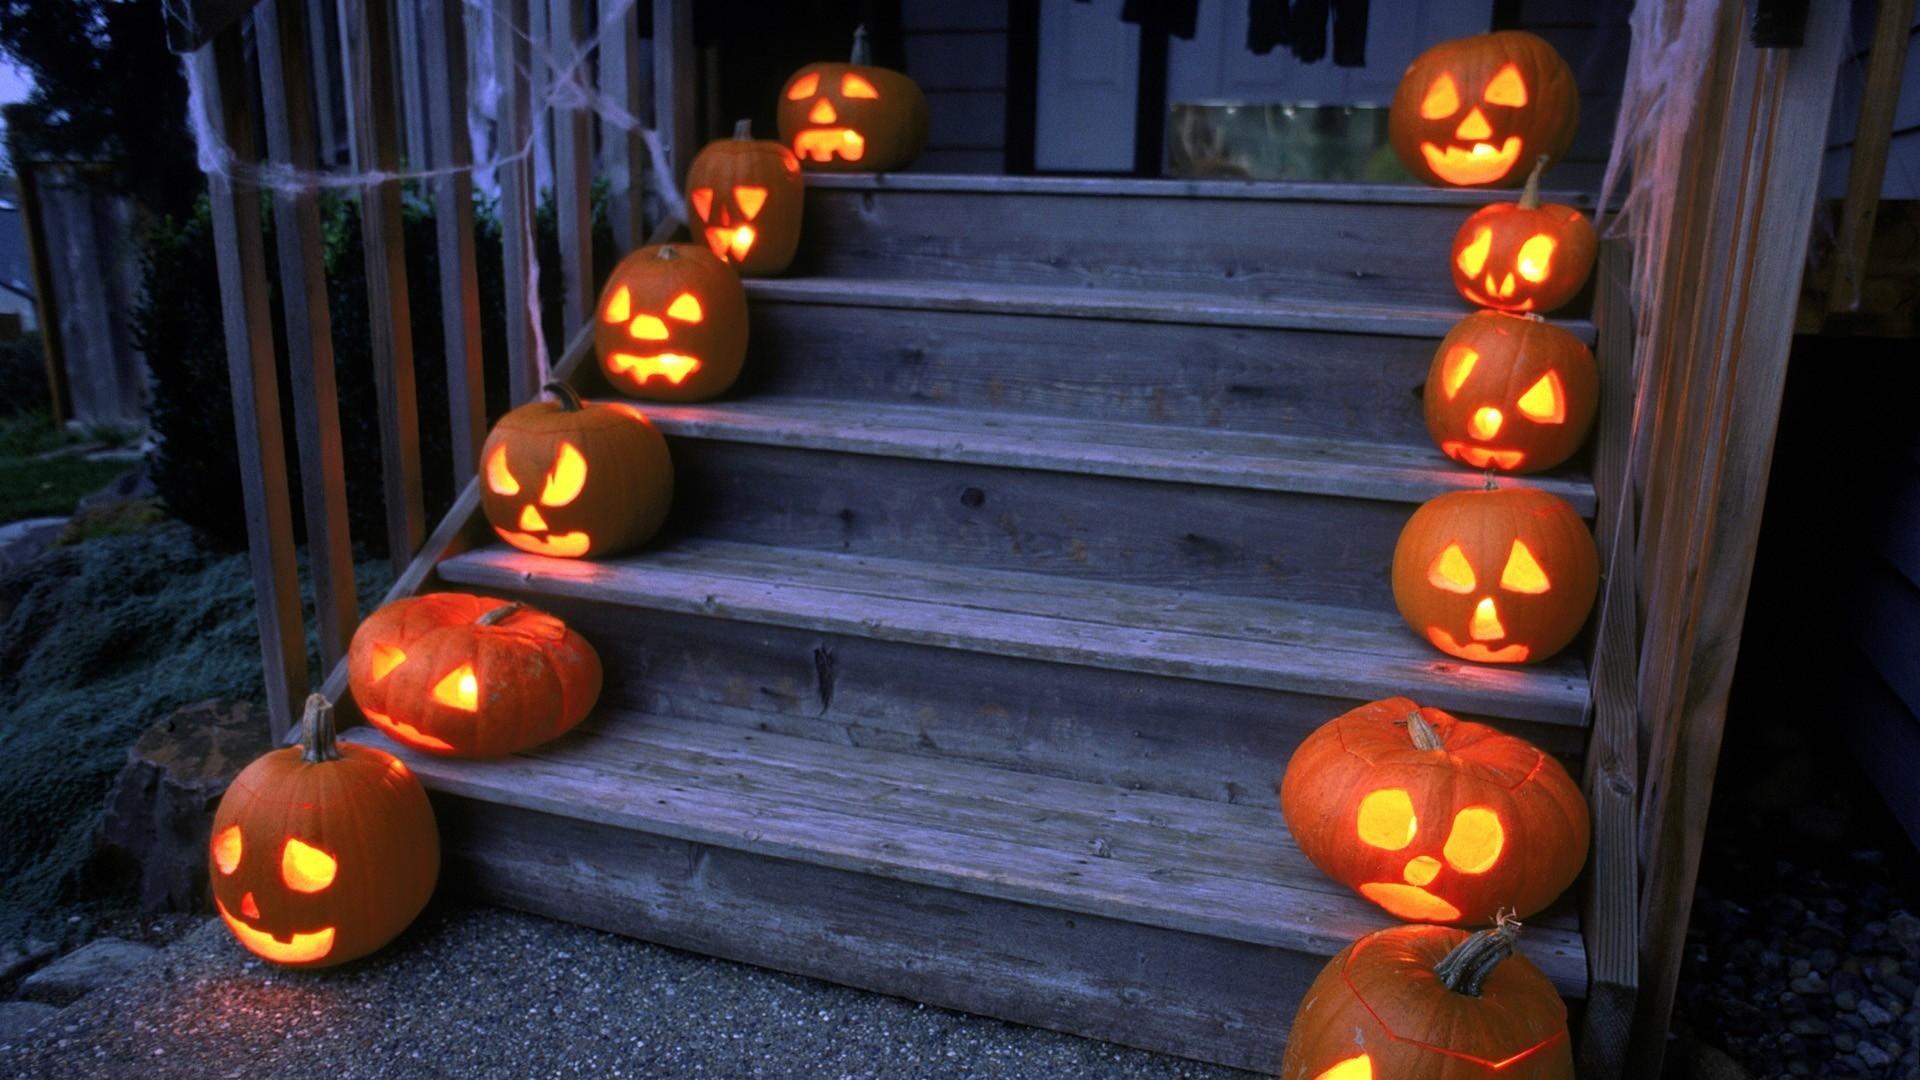 HD Halloween Desktop Backgrounds 77 images 1920x1080